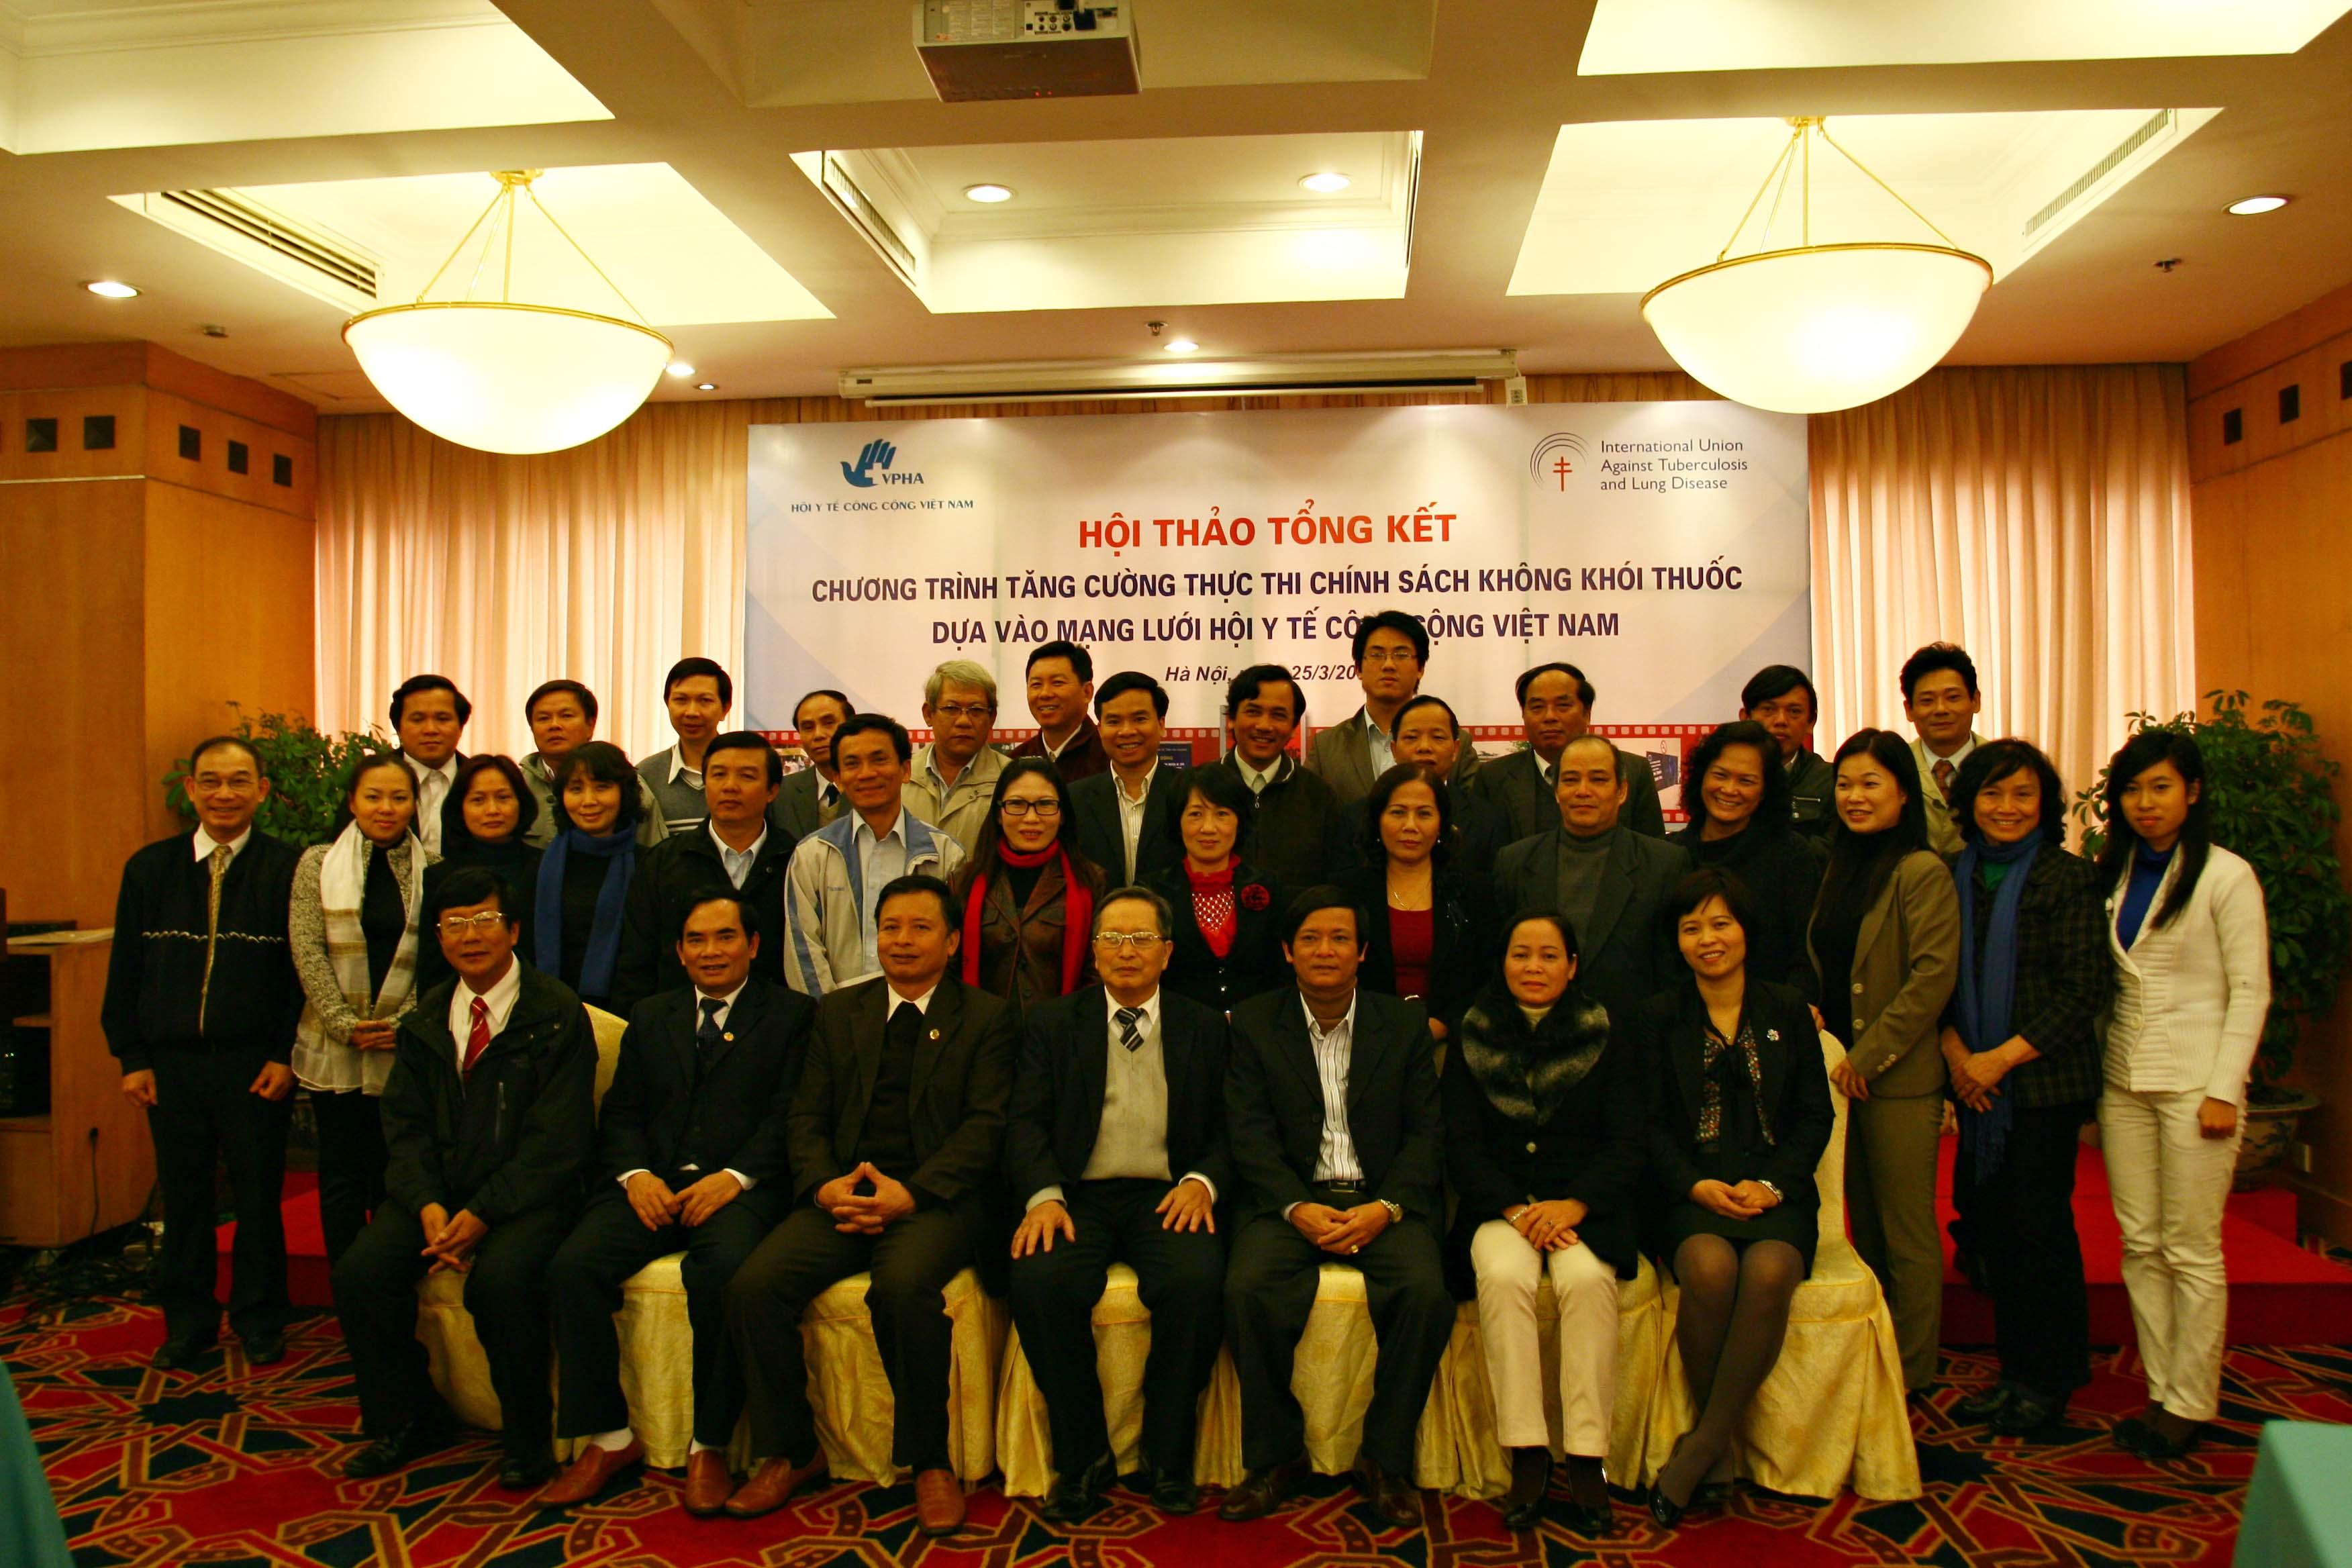 Hội thảo tổng kết Chương trình tăng cường thực thi chính sách không khói thuốc dựa vào mạng lưới Hội y tế công cộng VN